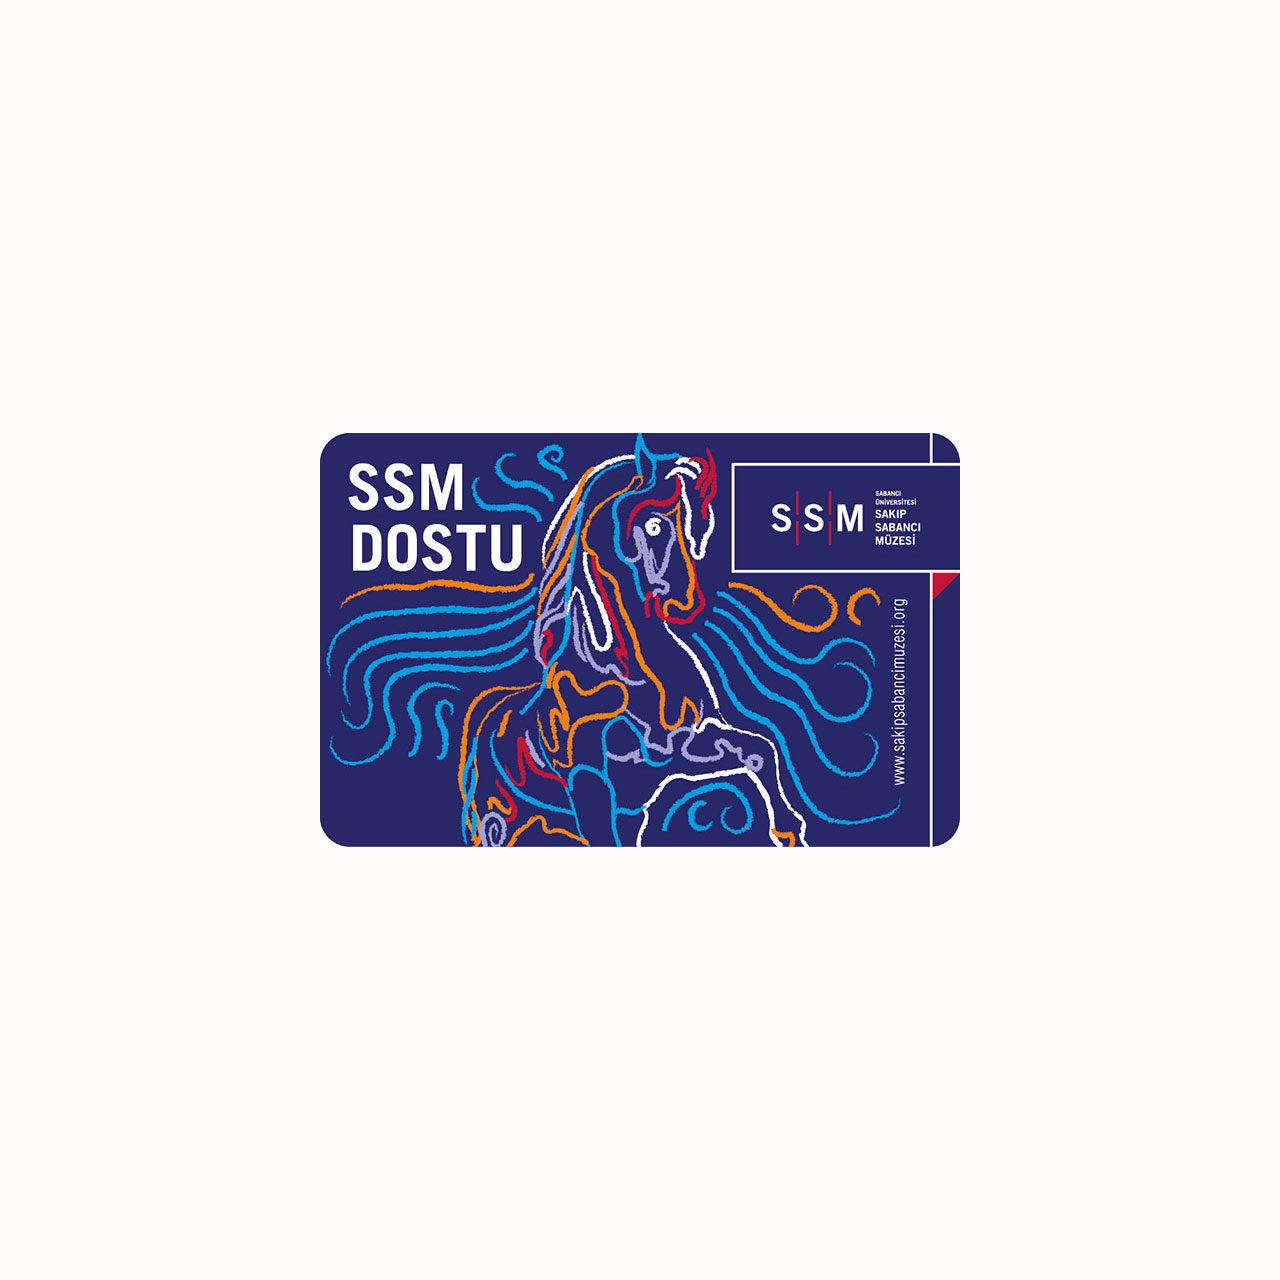 SSM Dostu Kart